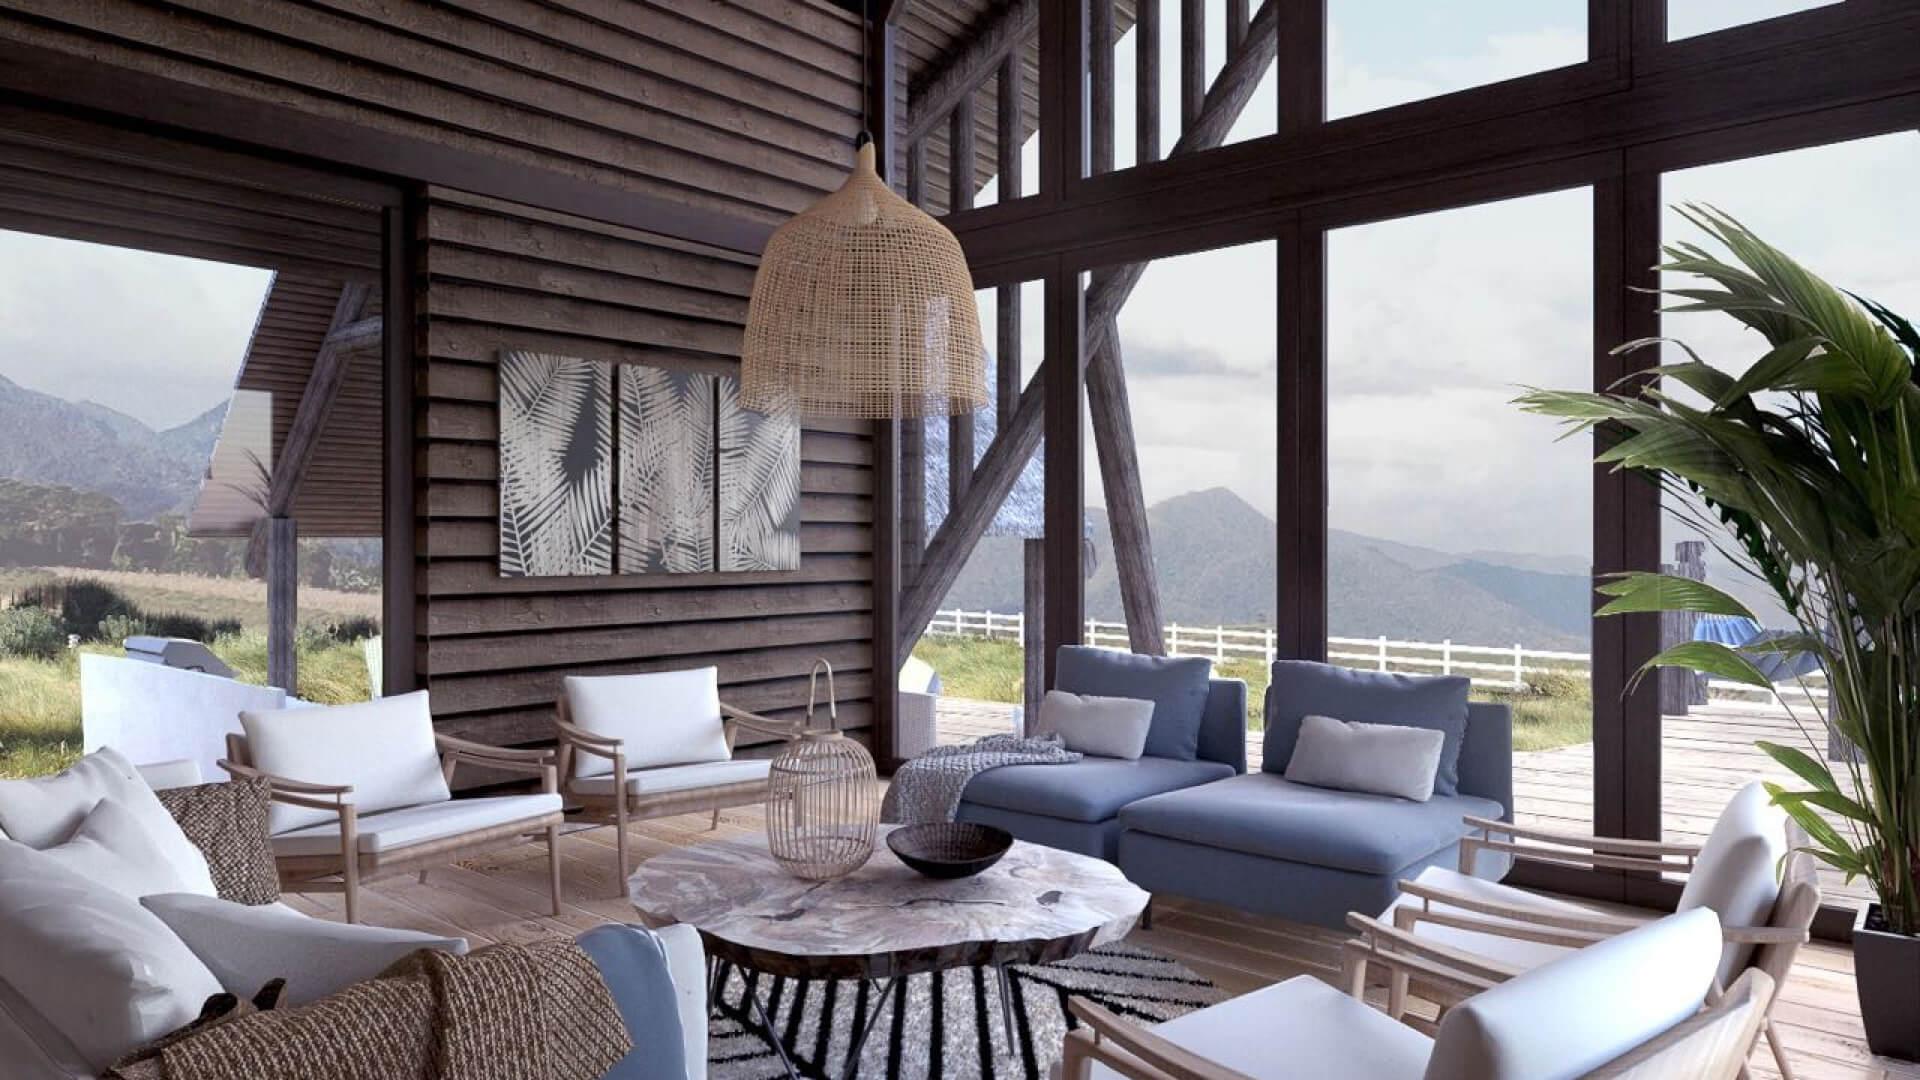 Sala de casa modelo exclusivo en Yanashpa Village, Tarapoto